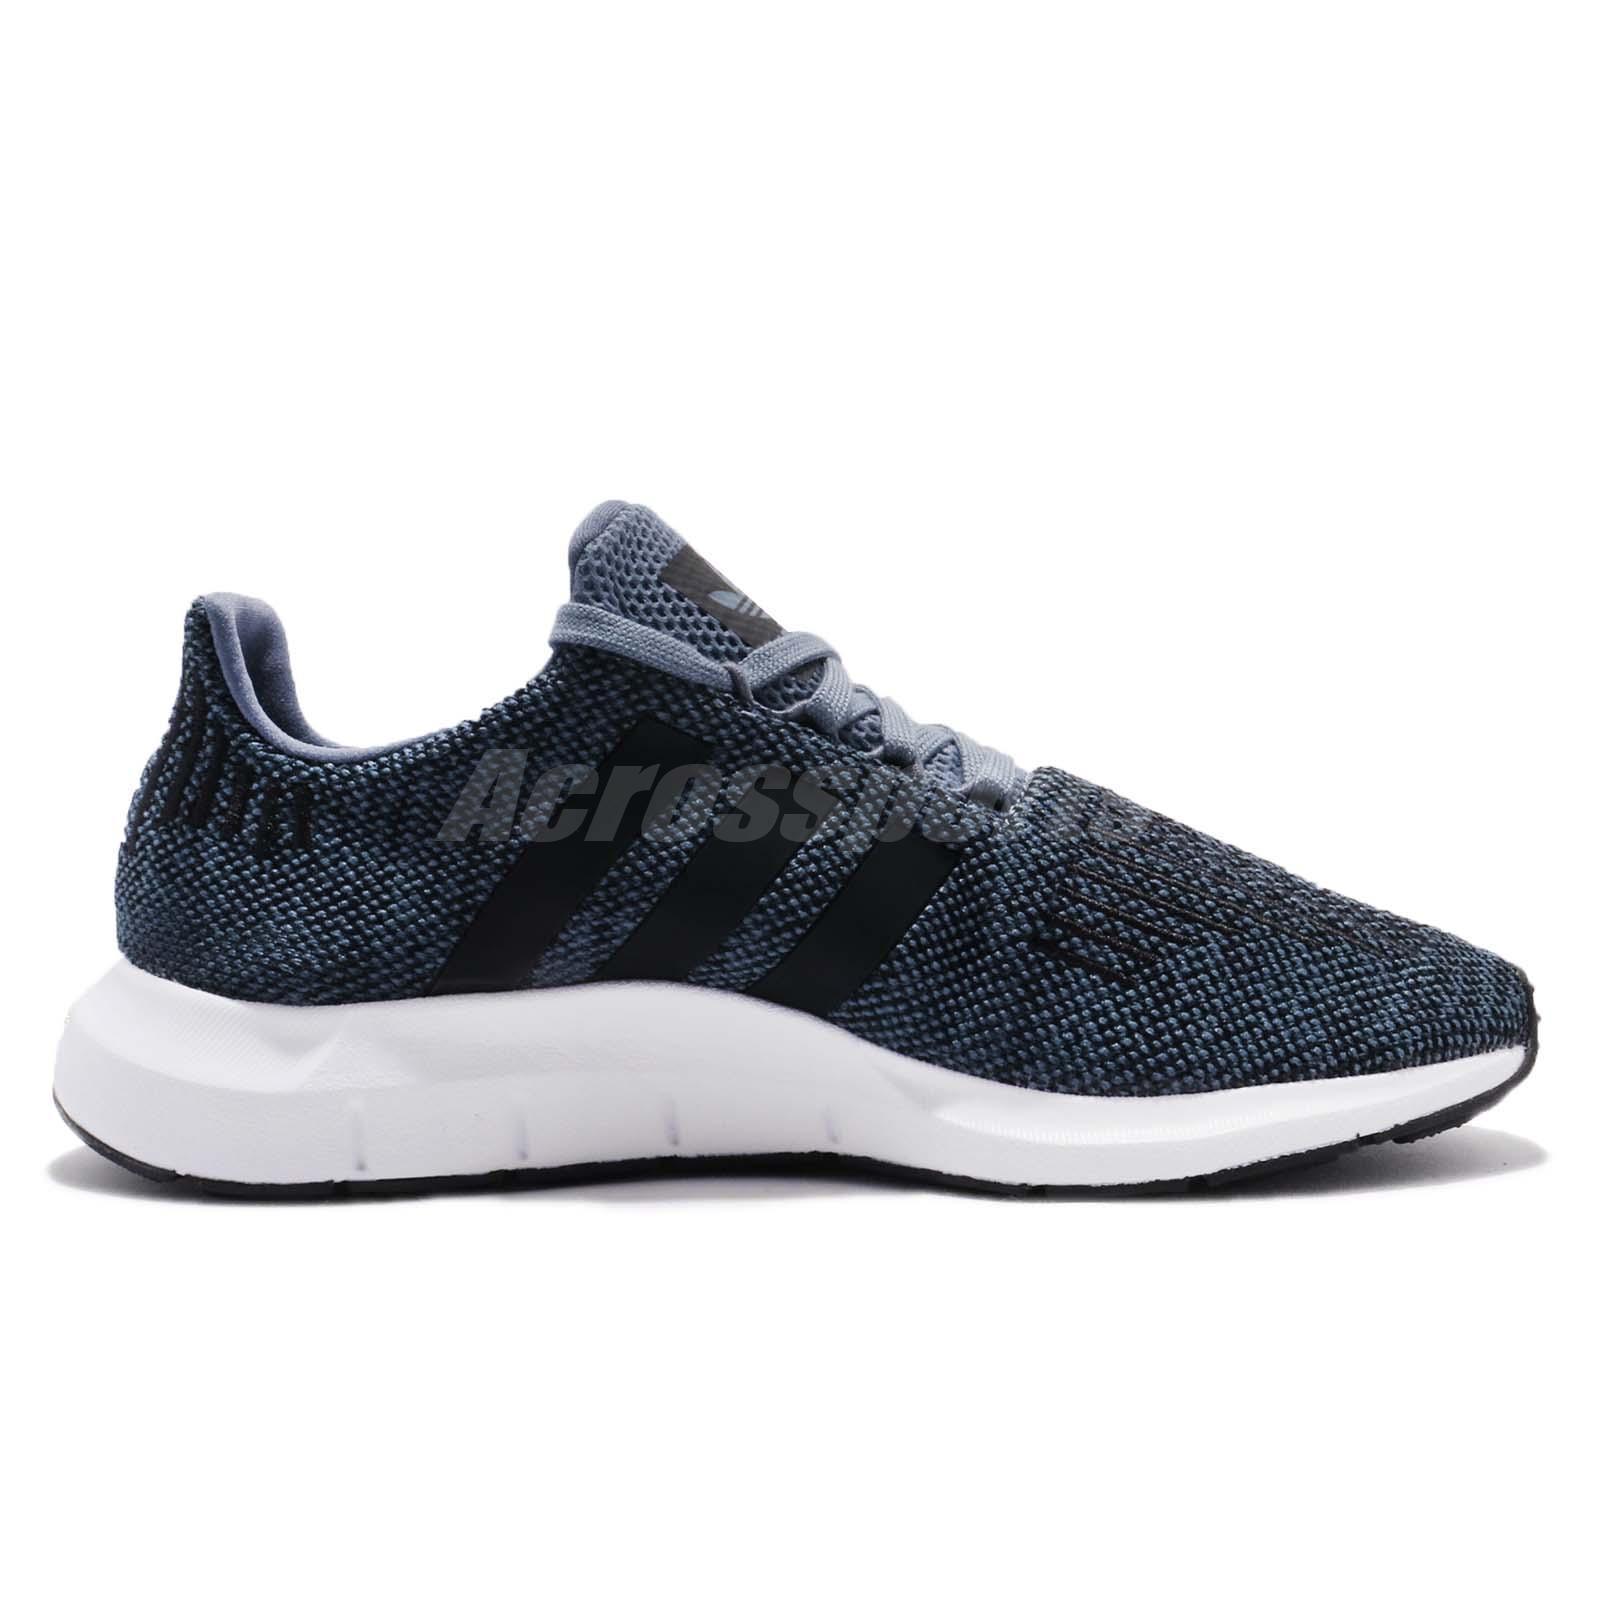 7de835c6ec3c adidas Swift Run Raw Steel Navy Black Men Running Shoes Sneakers ...